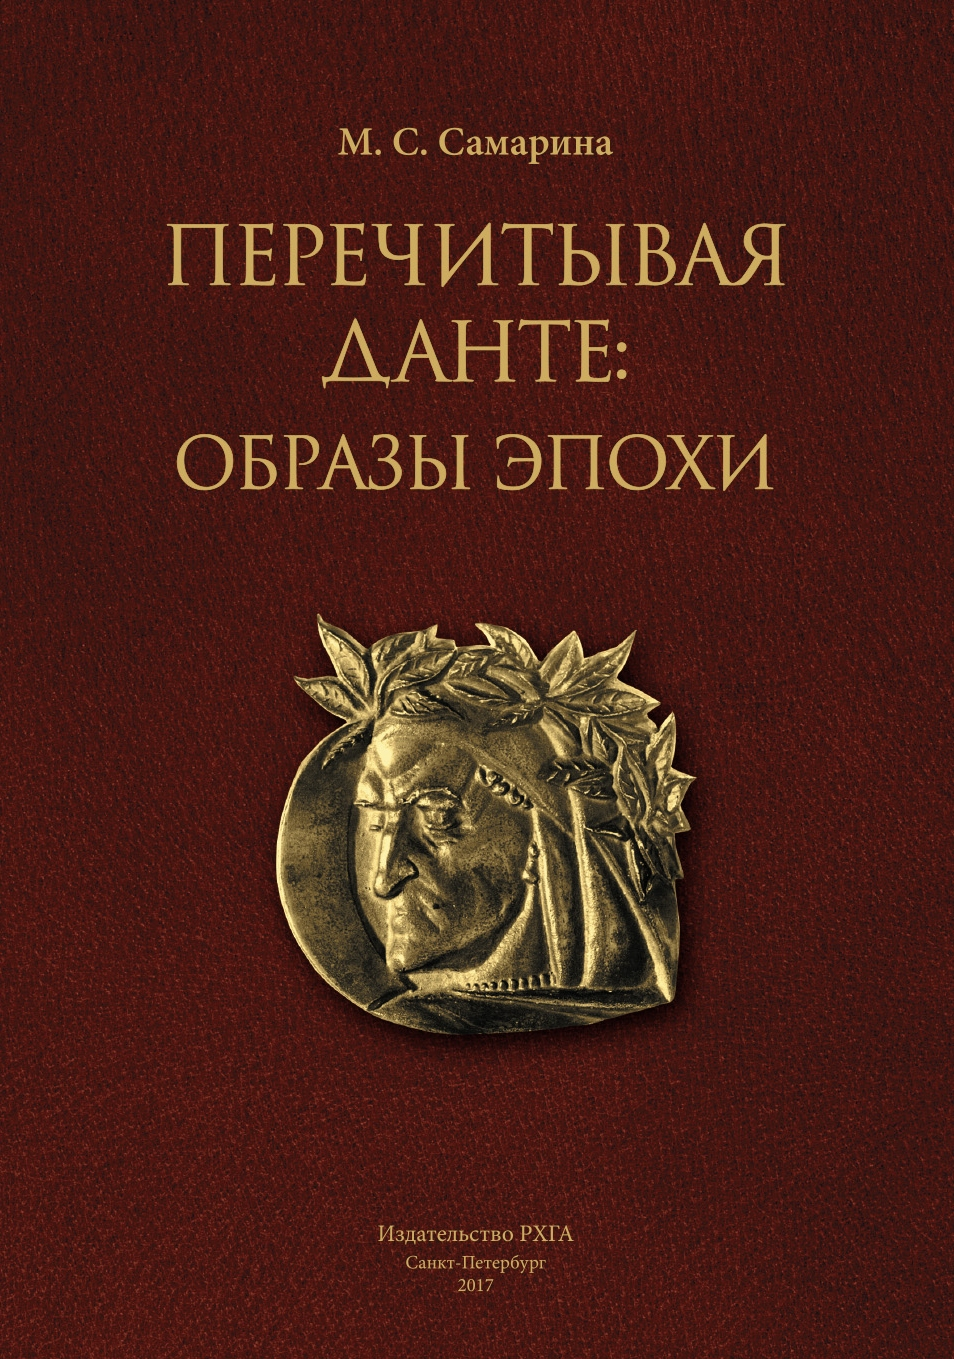 Самарина М. С. Перечитывая Данте: Образы эпохи. Издательство РХГА